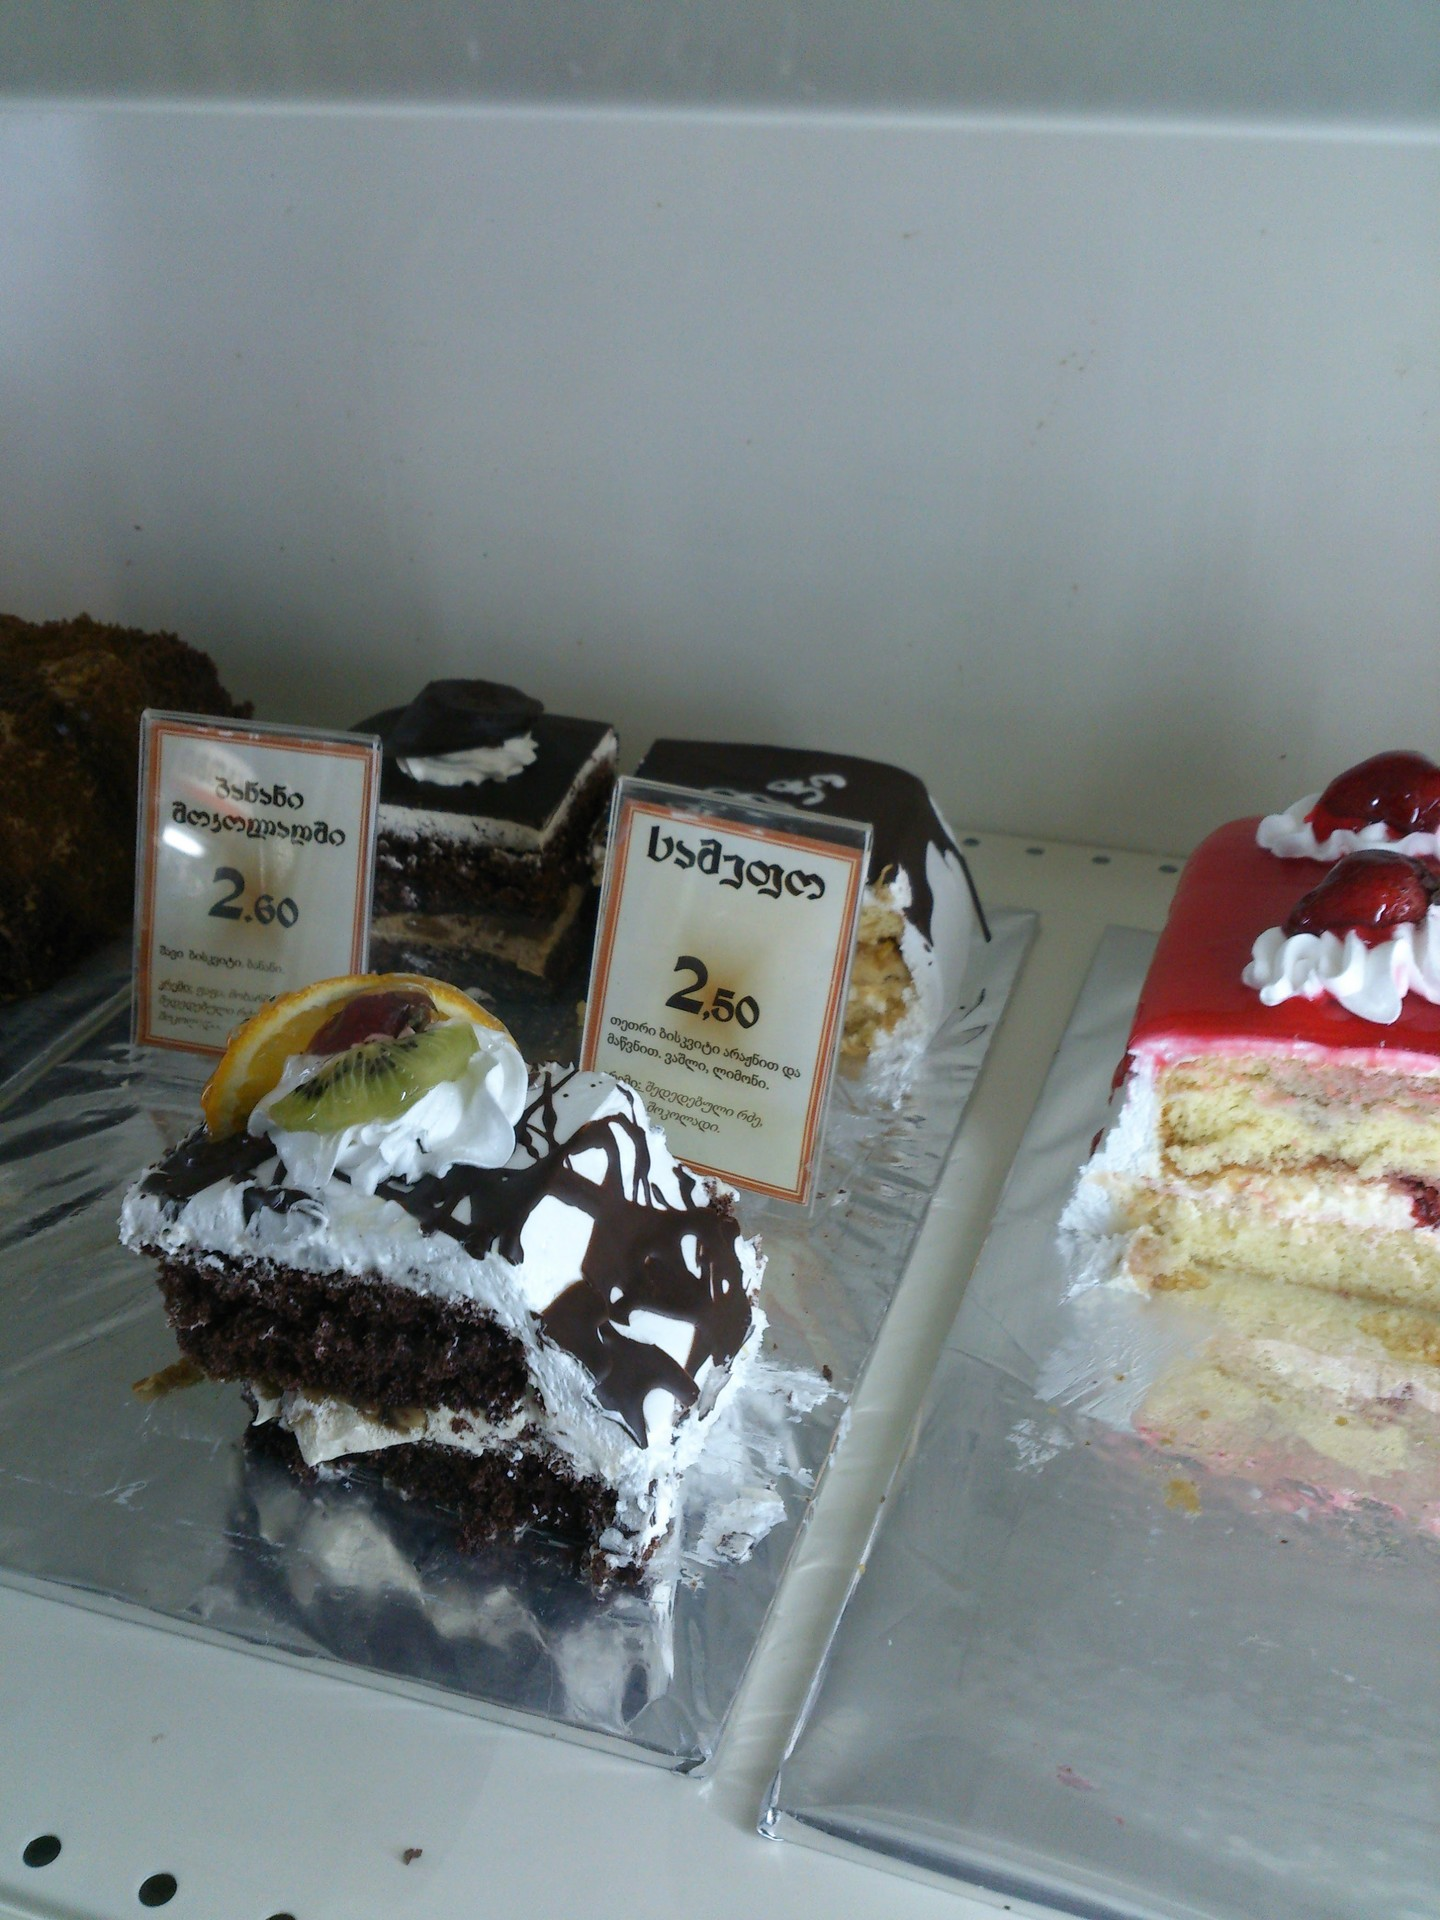 cakes-tbilisi-a1799b4e01c69b14264f7f20fe